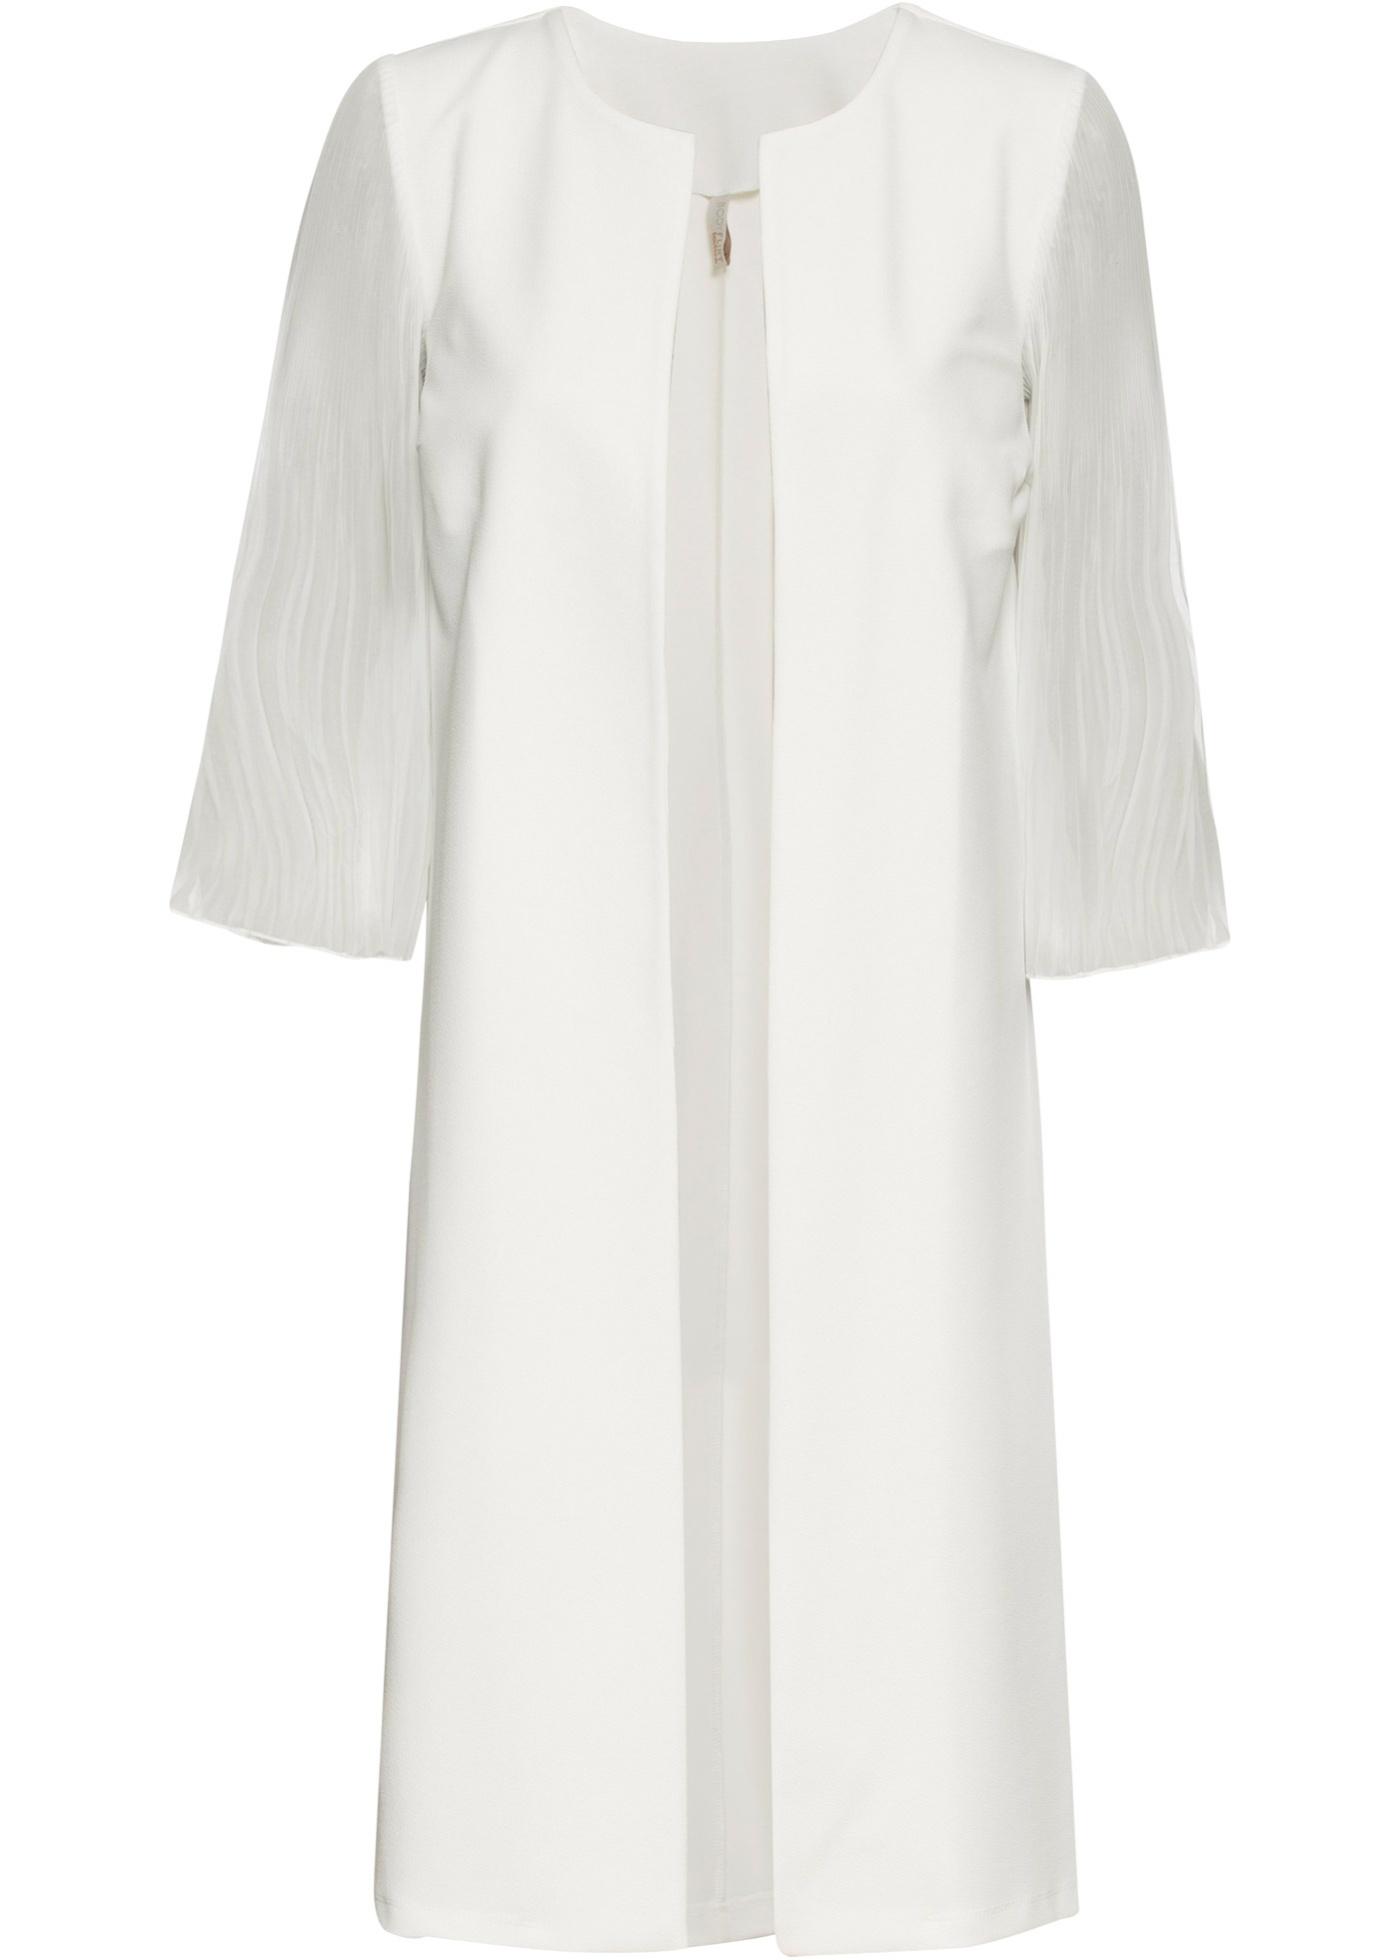 Blazer lungo con maniche plissettate (Bianco) - BODYFLIRT boutique